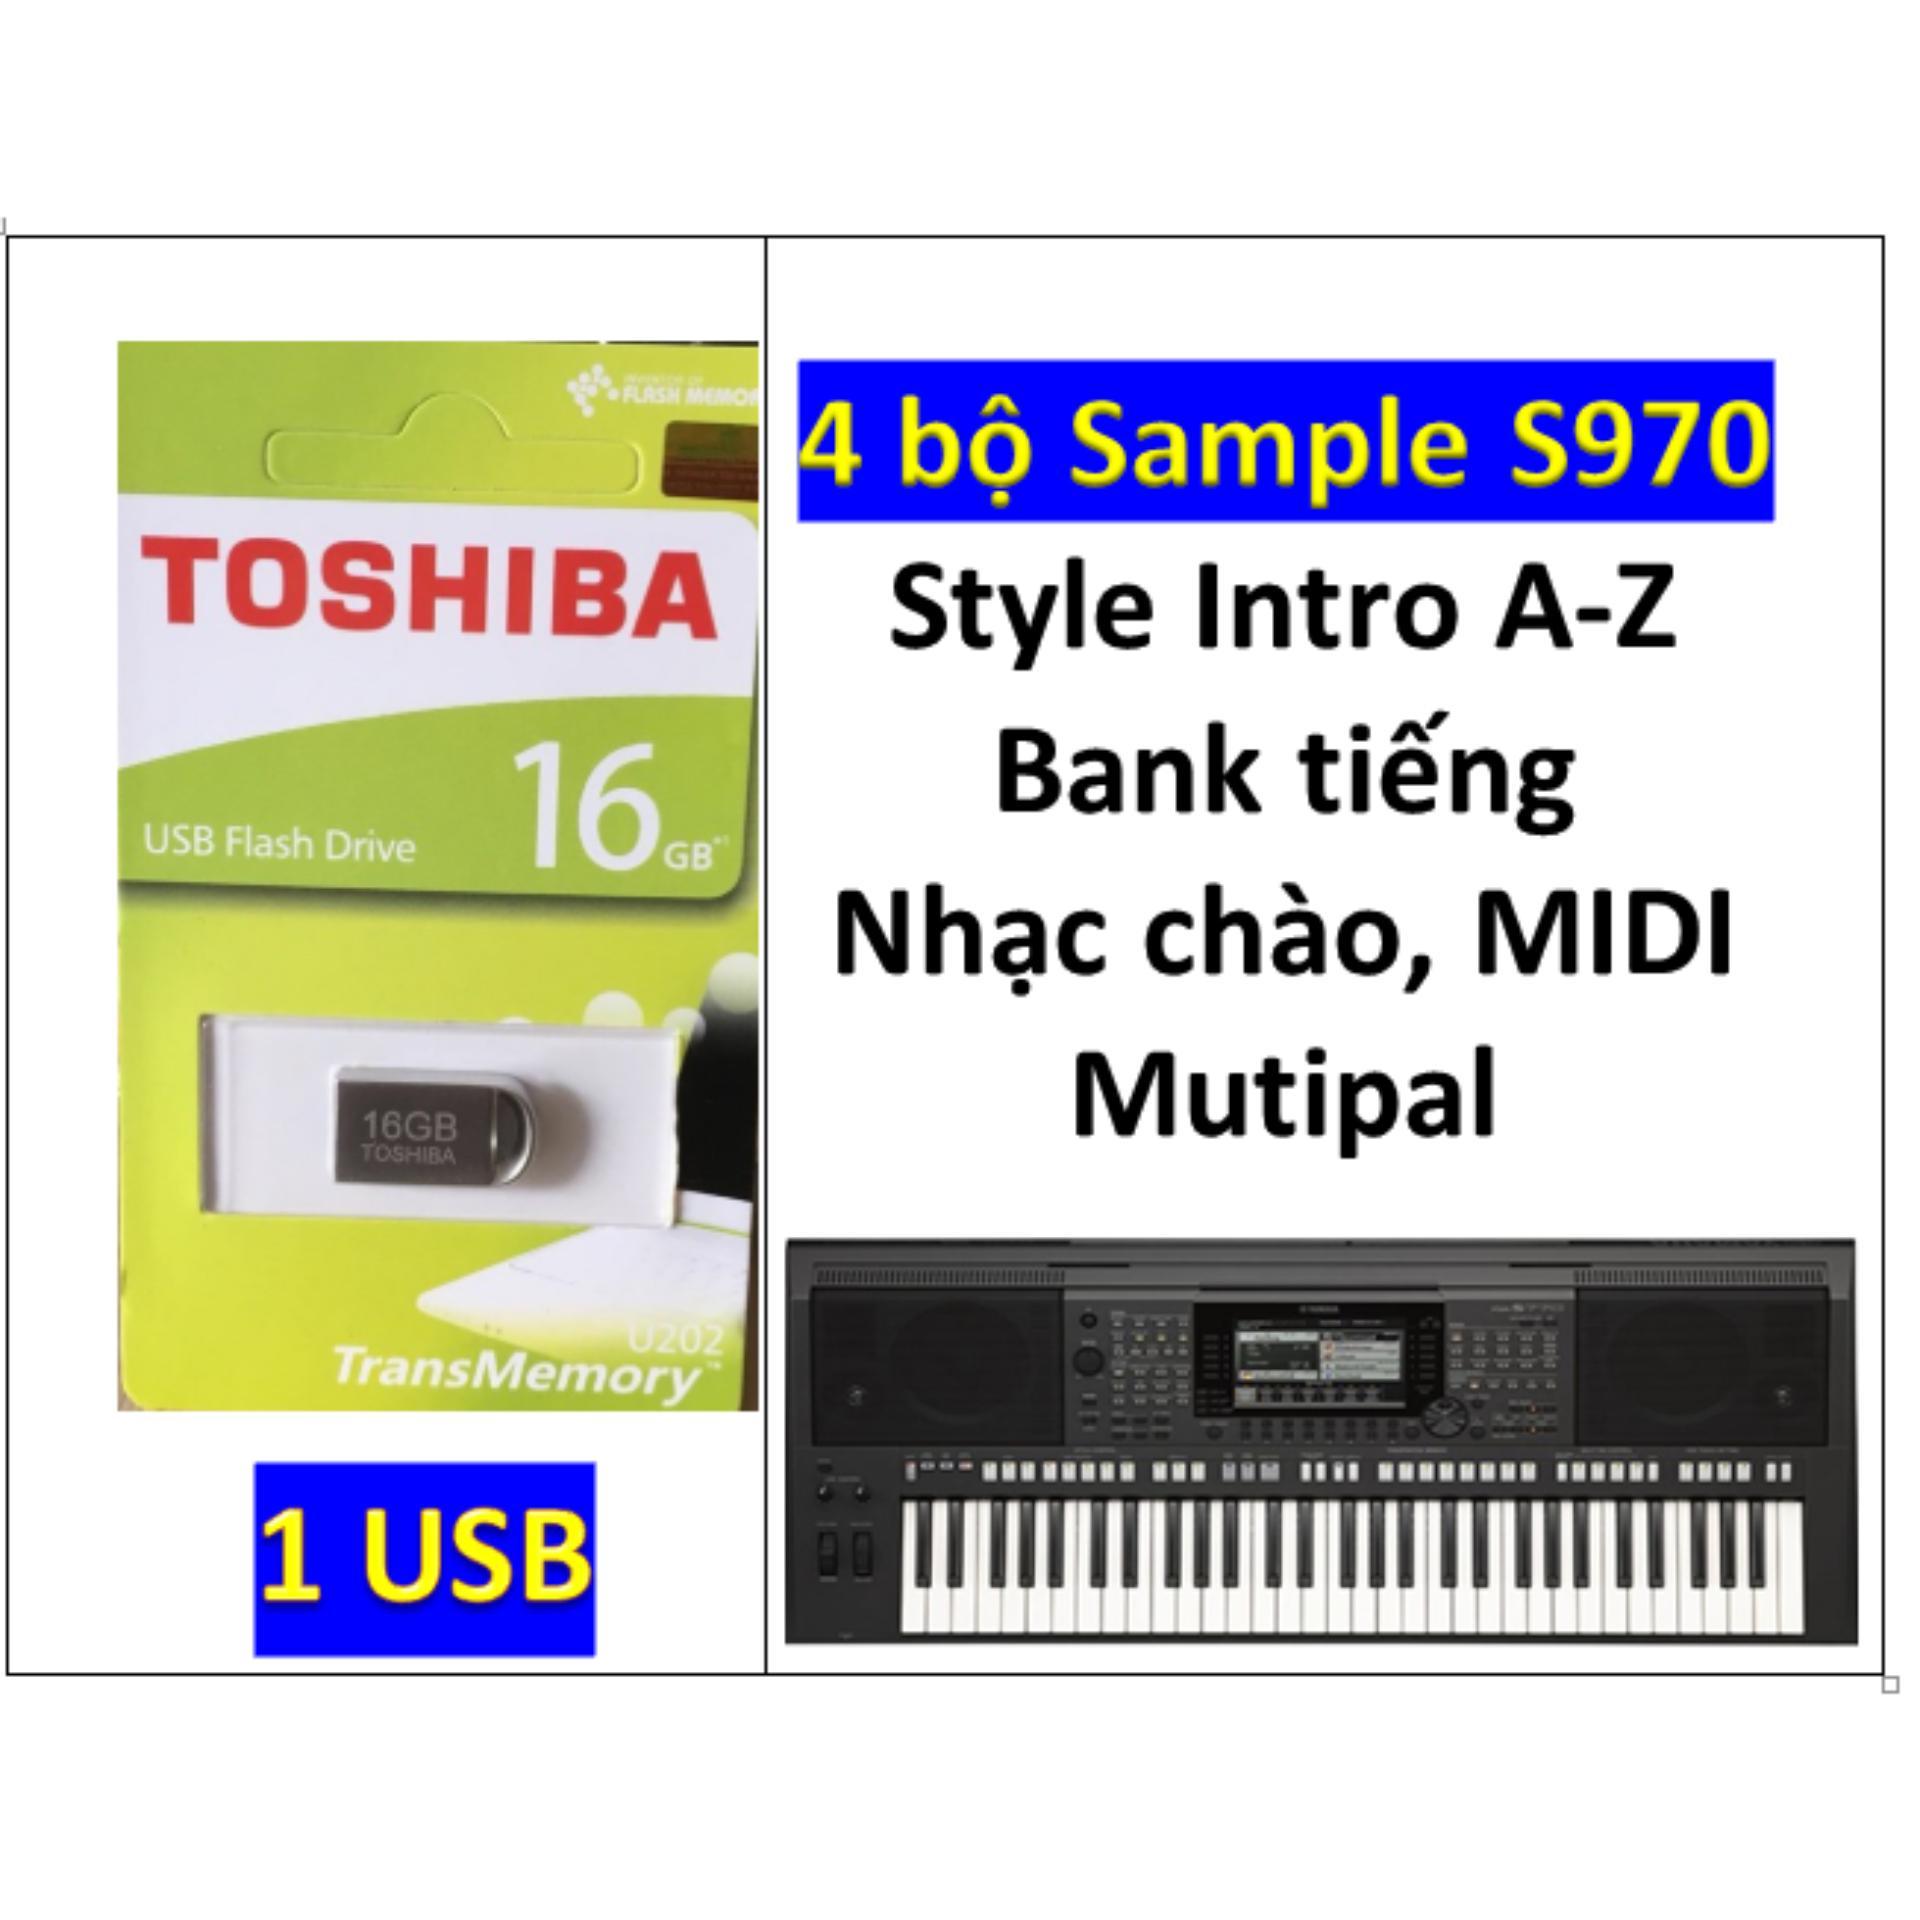 USB mini Sample đàn organ yamaha PSR-S970, Style, nhạc chào, songbook, midi + Full dữ liệu làm show